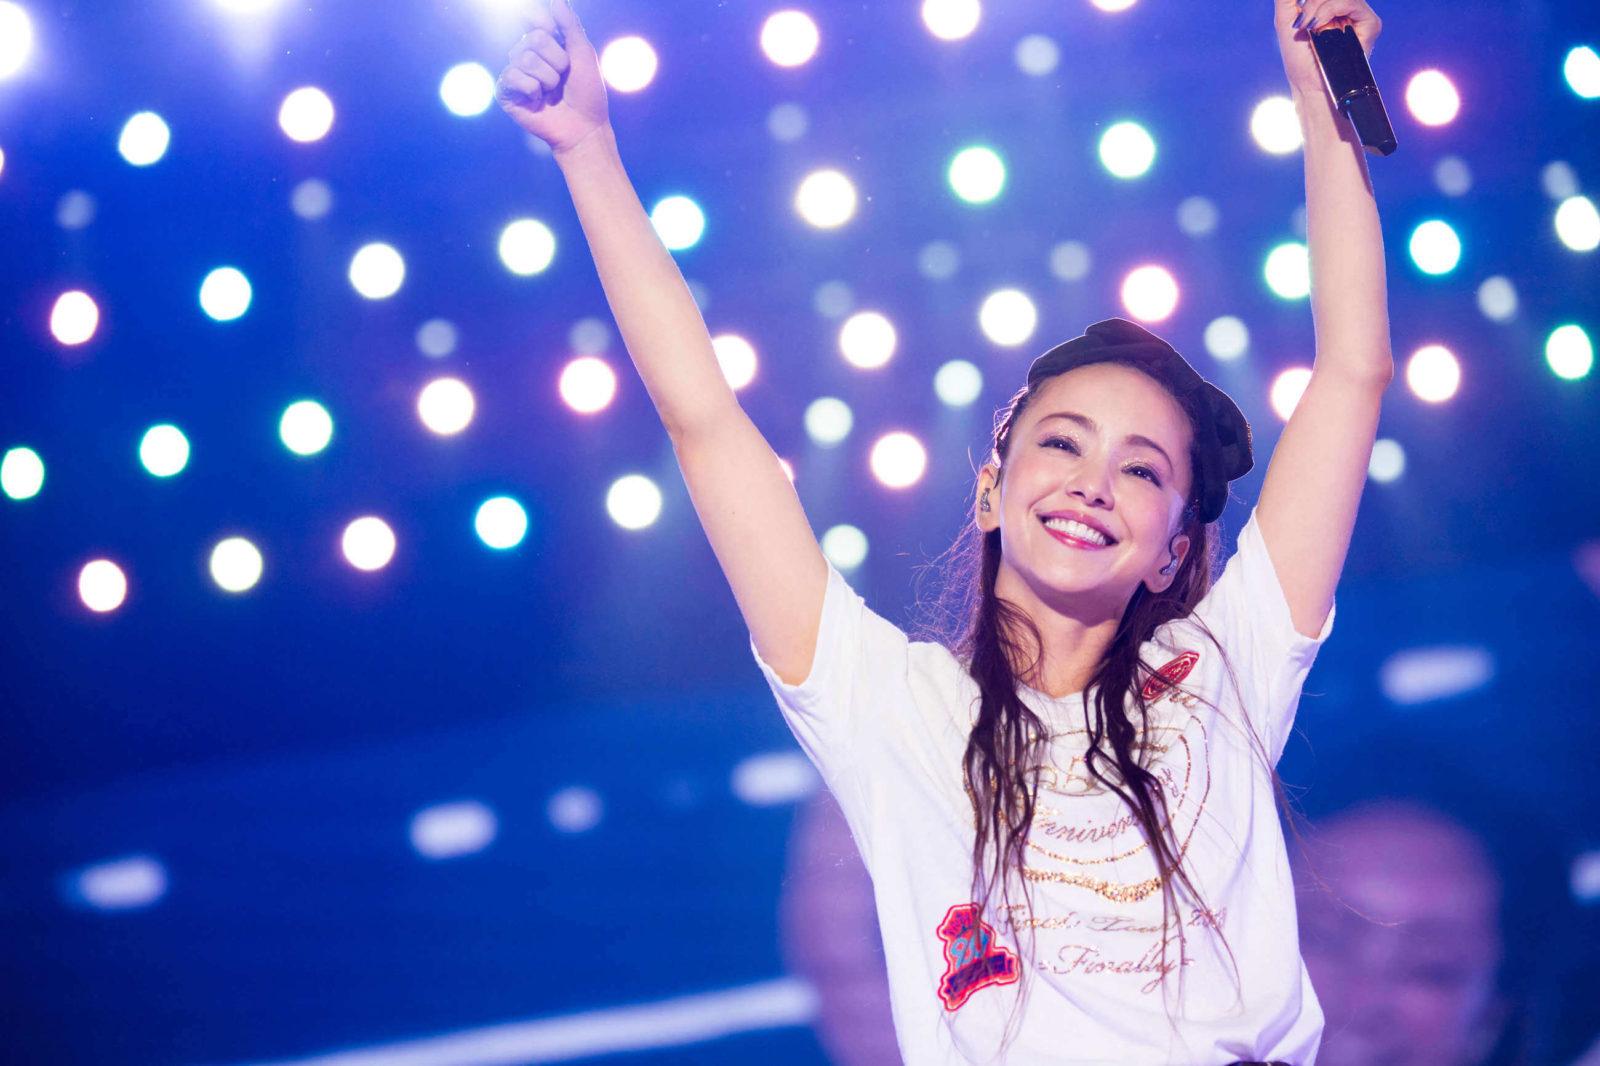 ハリセンボン・春菜、安室奈美恵の引退前日フェスに興奮「来た!」